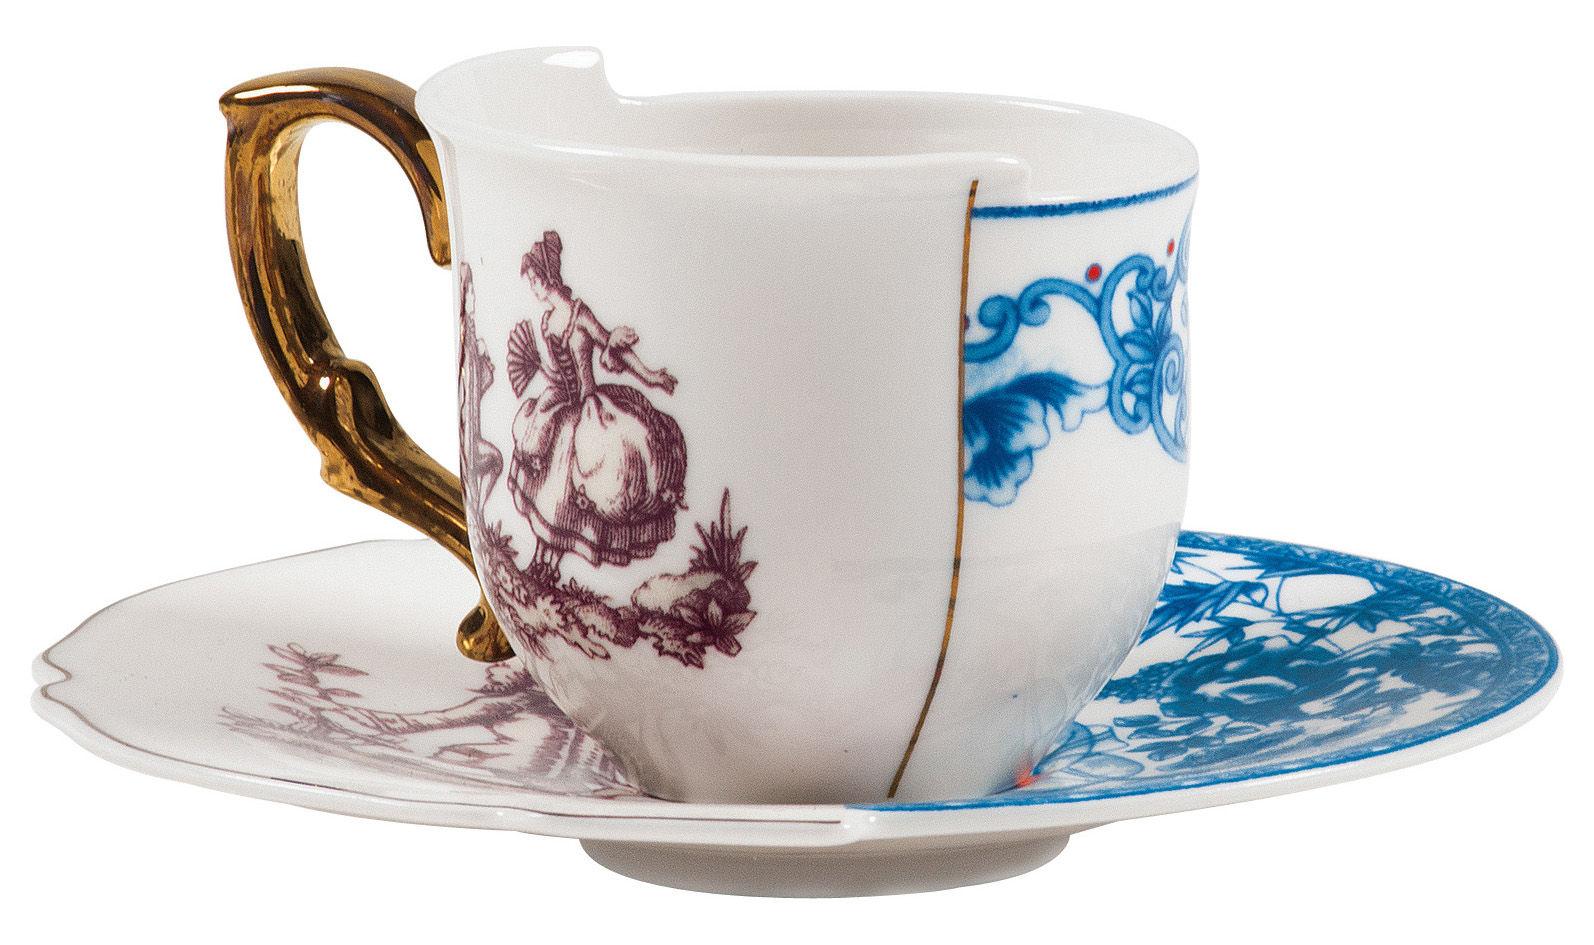 Tavola - Tazze e Boccali - Tazzina da caffè Hybrid Eufemia - Set tazze da caffè + sottopiattino di Seletti - Eufemia - Porcellana